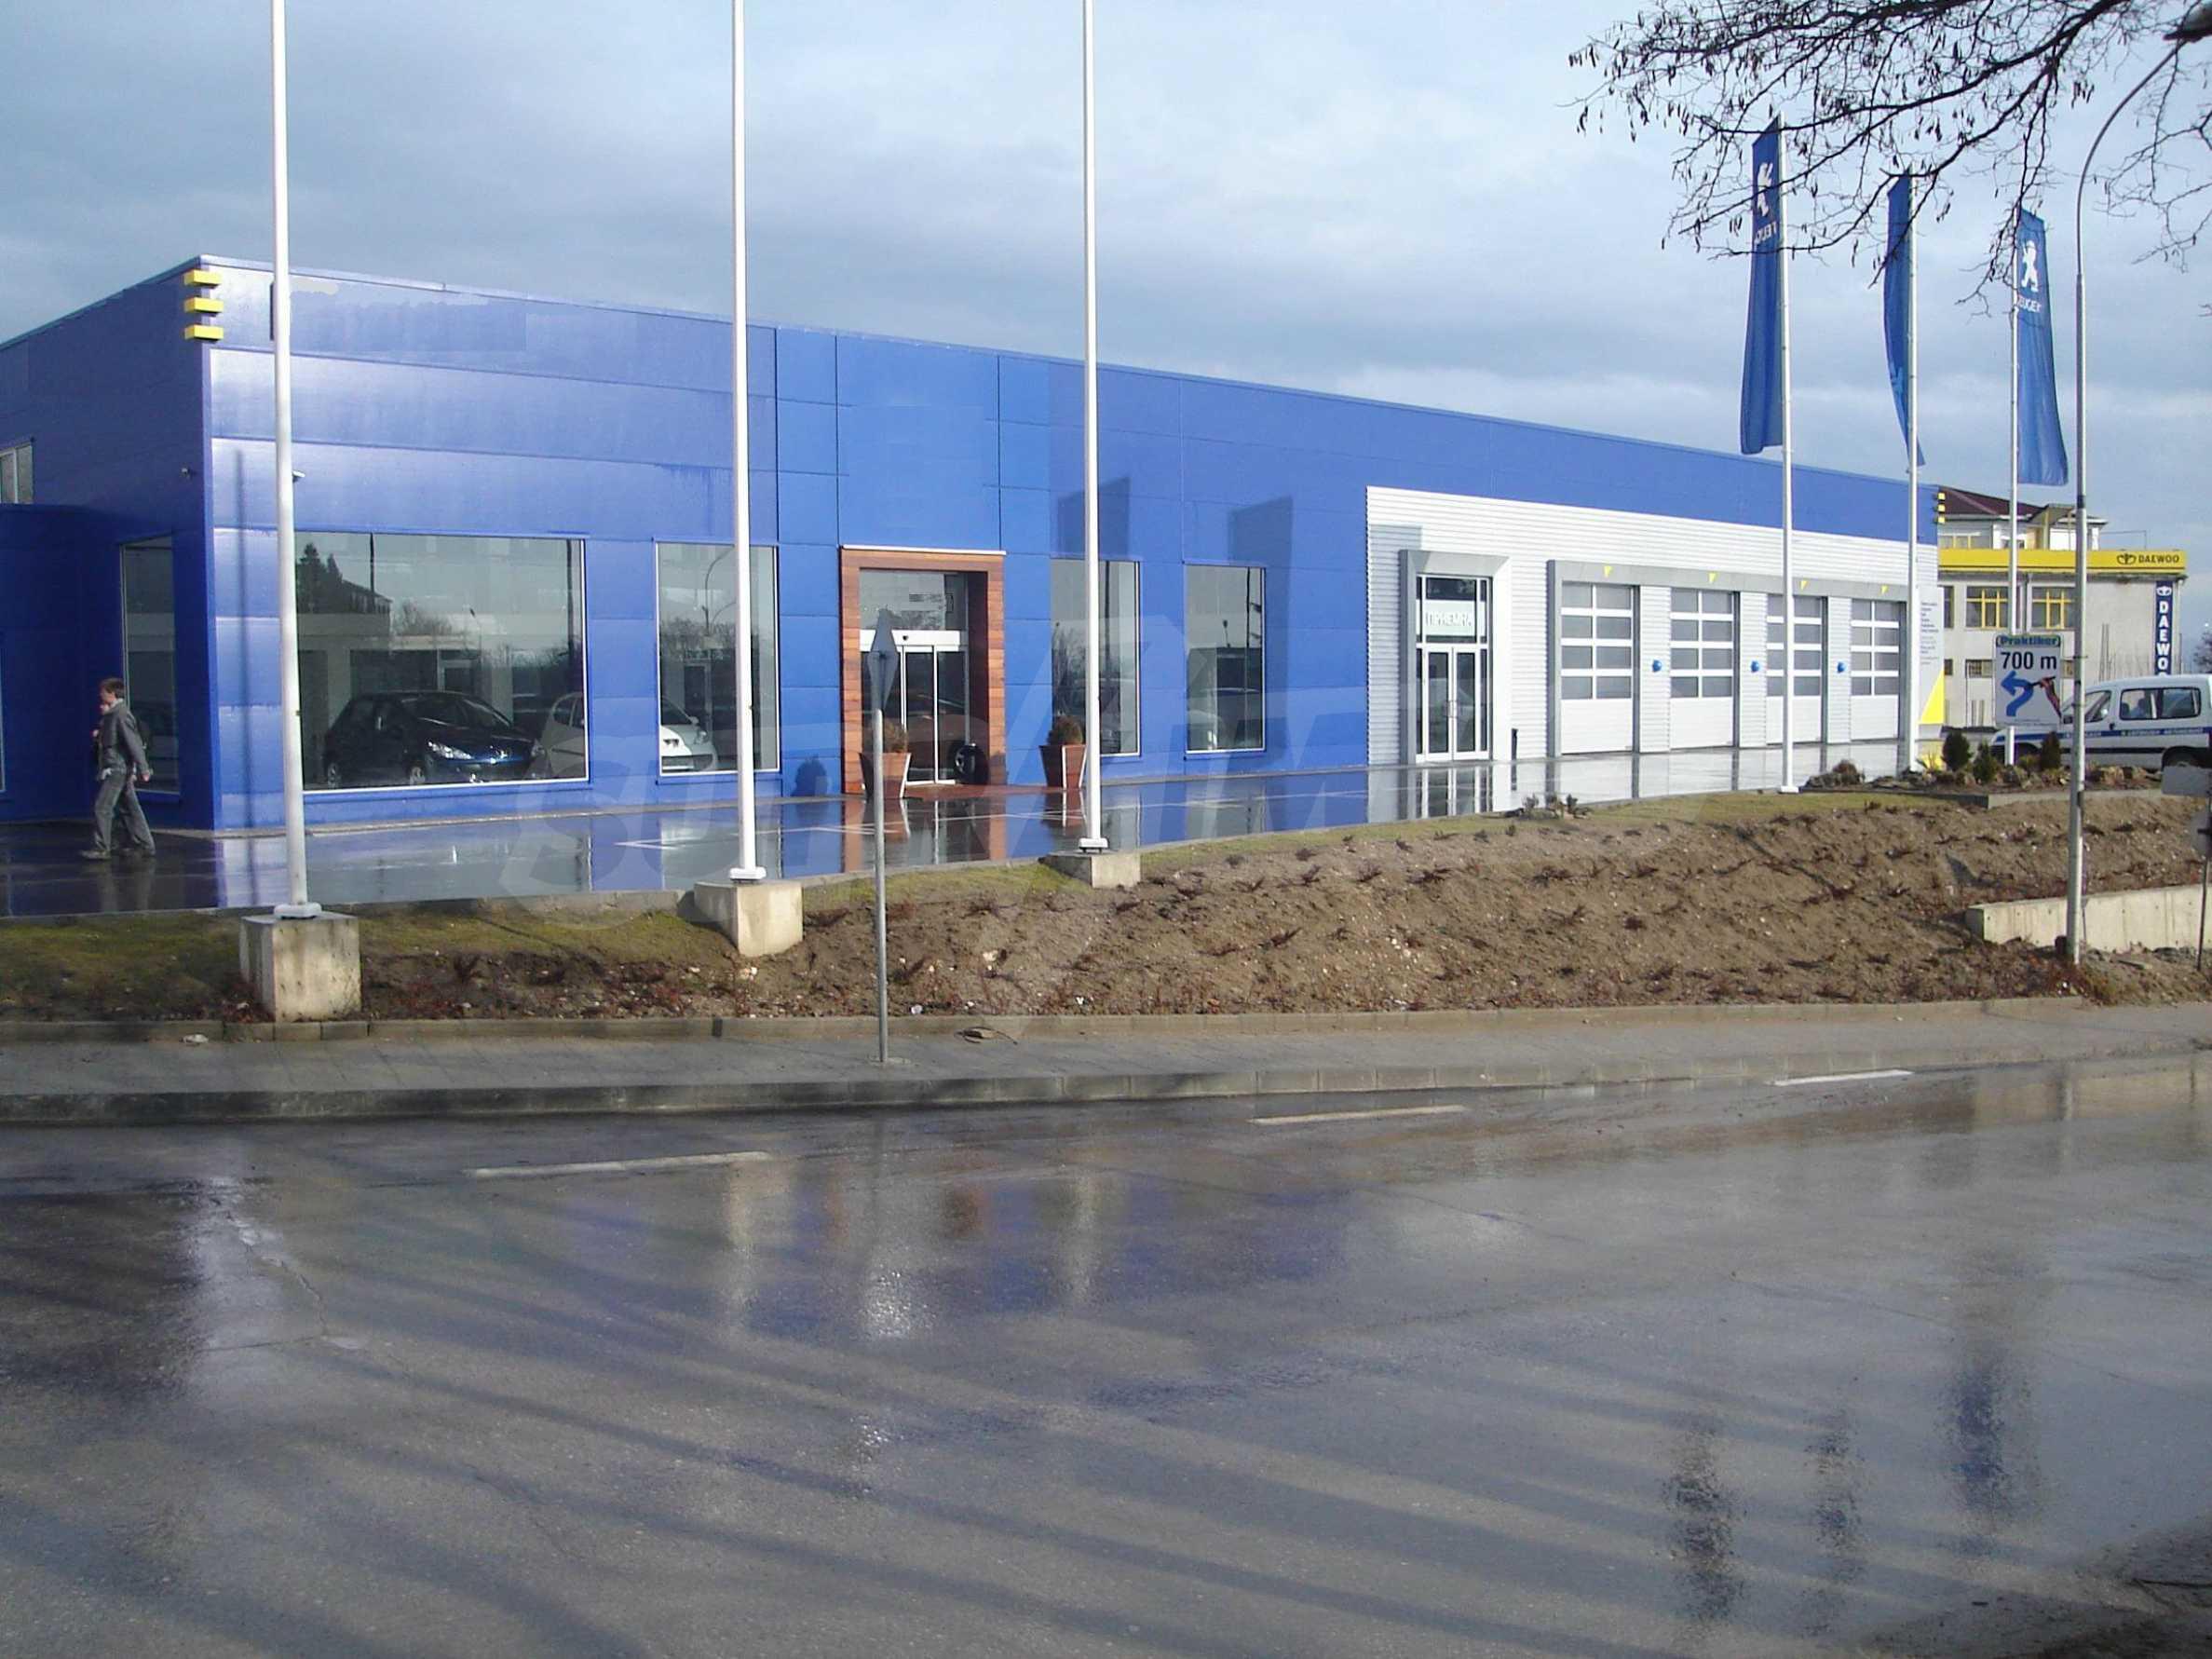 Gewerbe- und Dienstleistungskomplex im Stadtteil Mladost